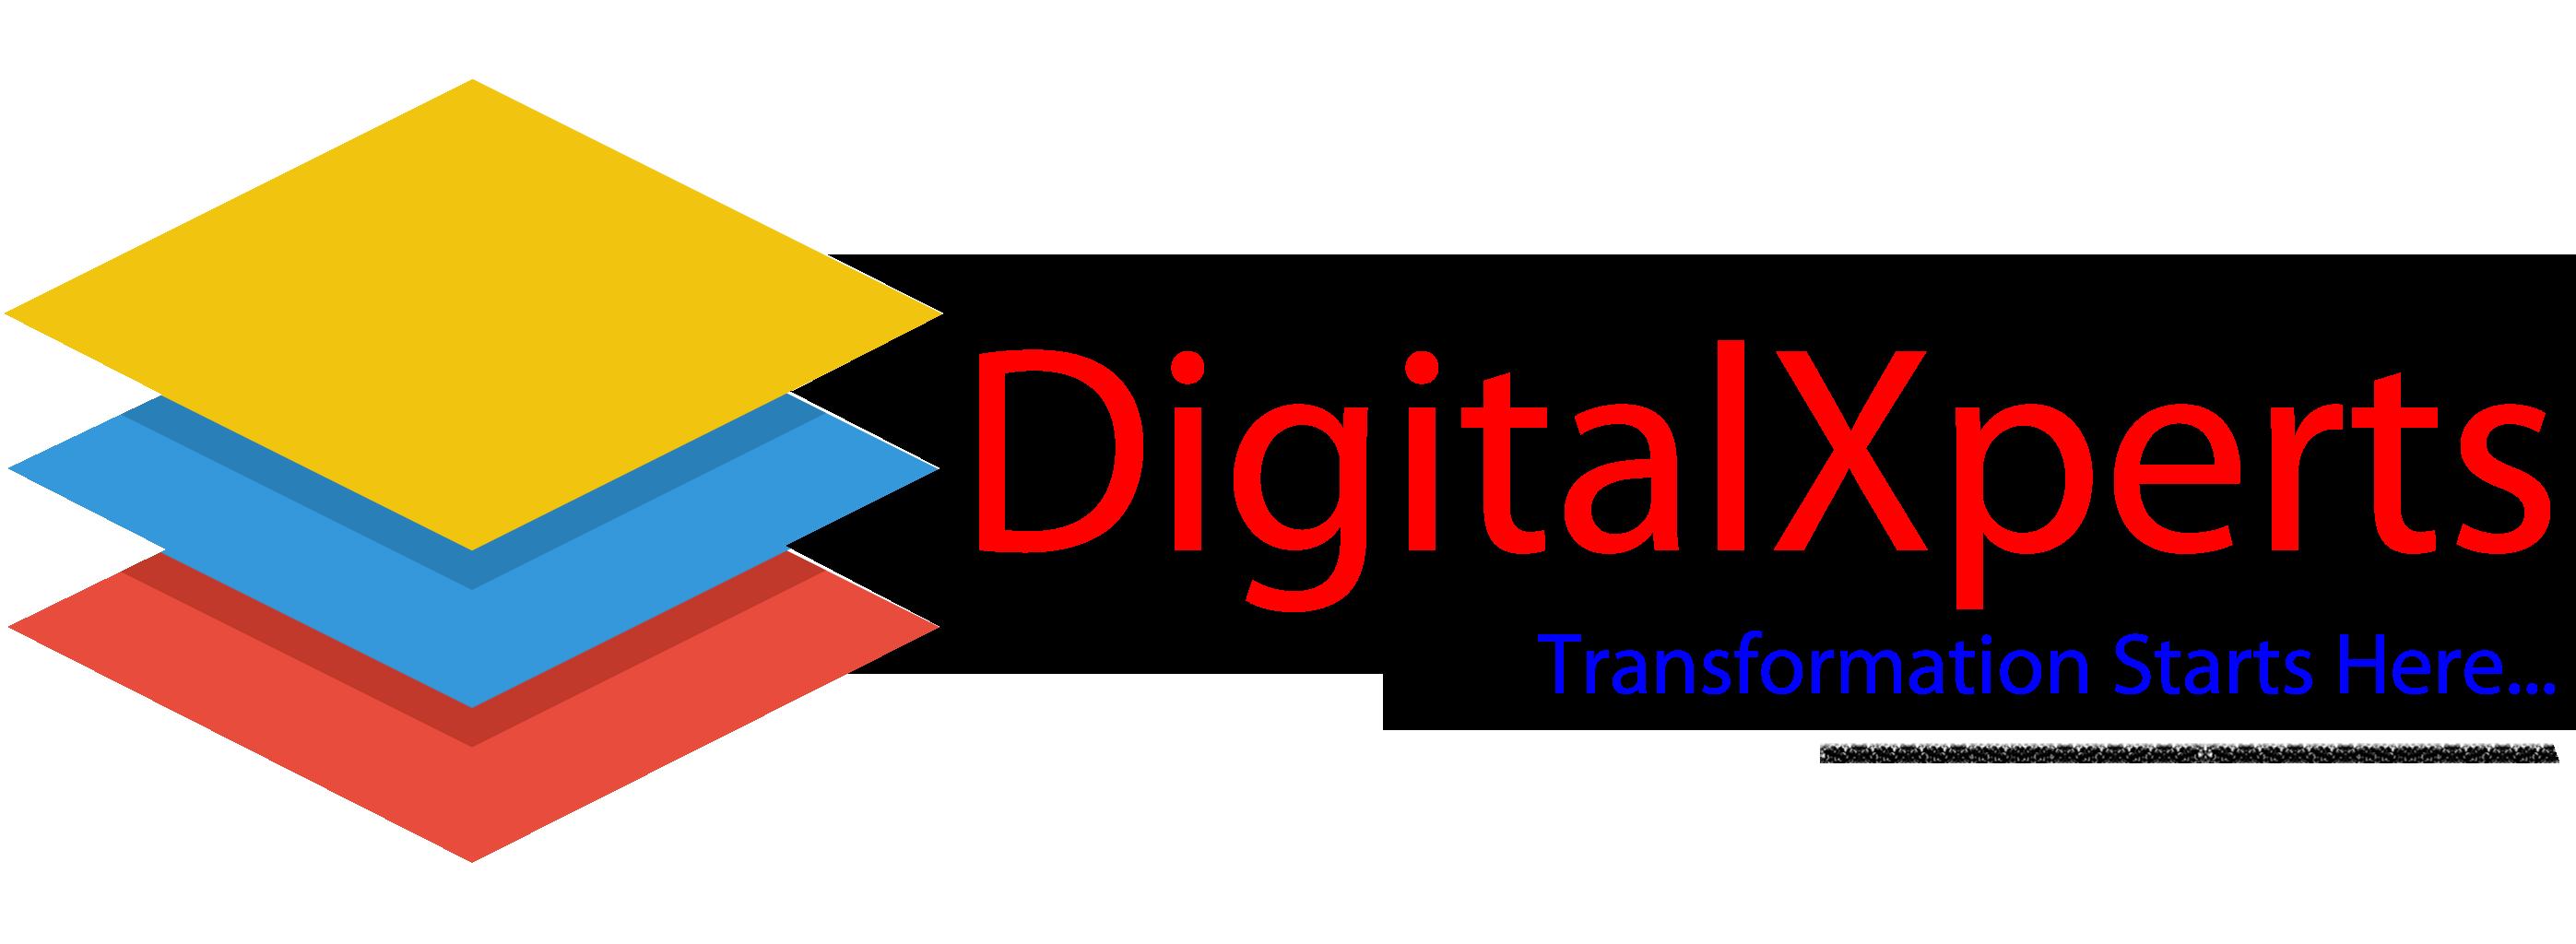 DigitalXperts